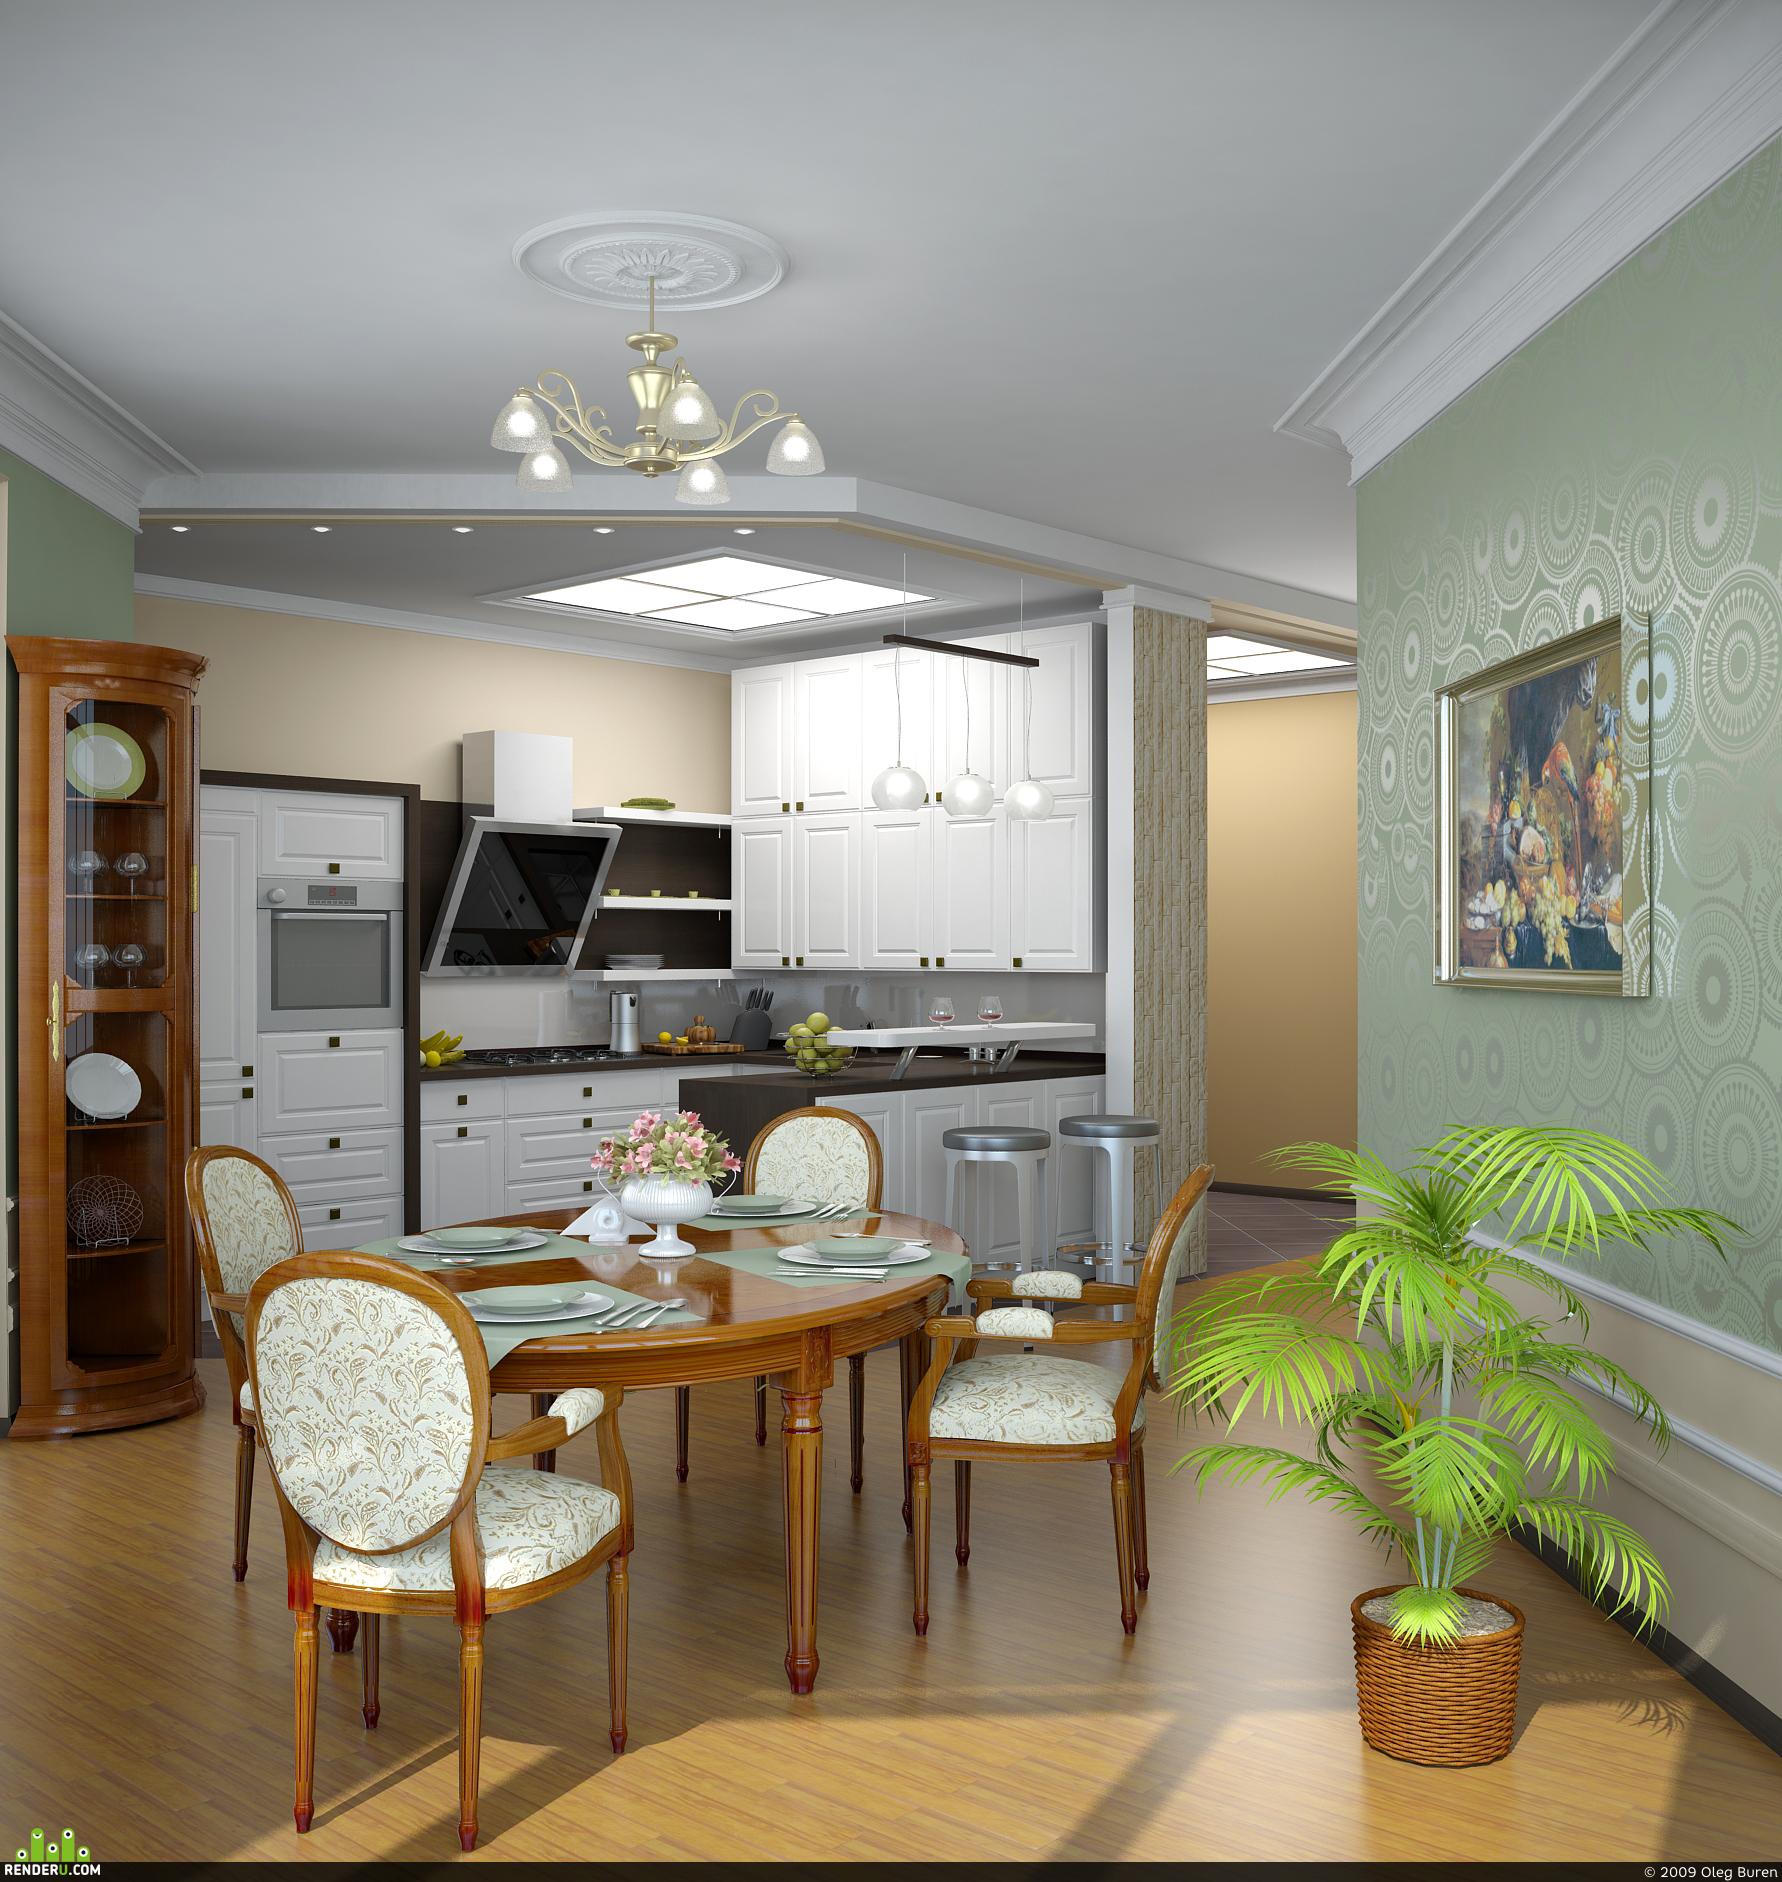 preview Кухня однокомнатной квартиры